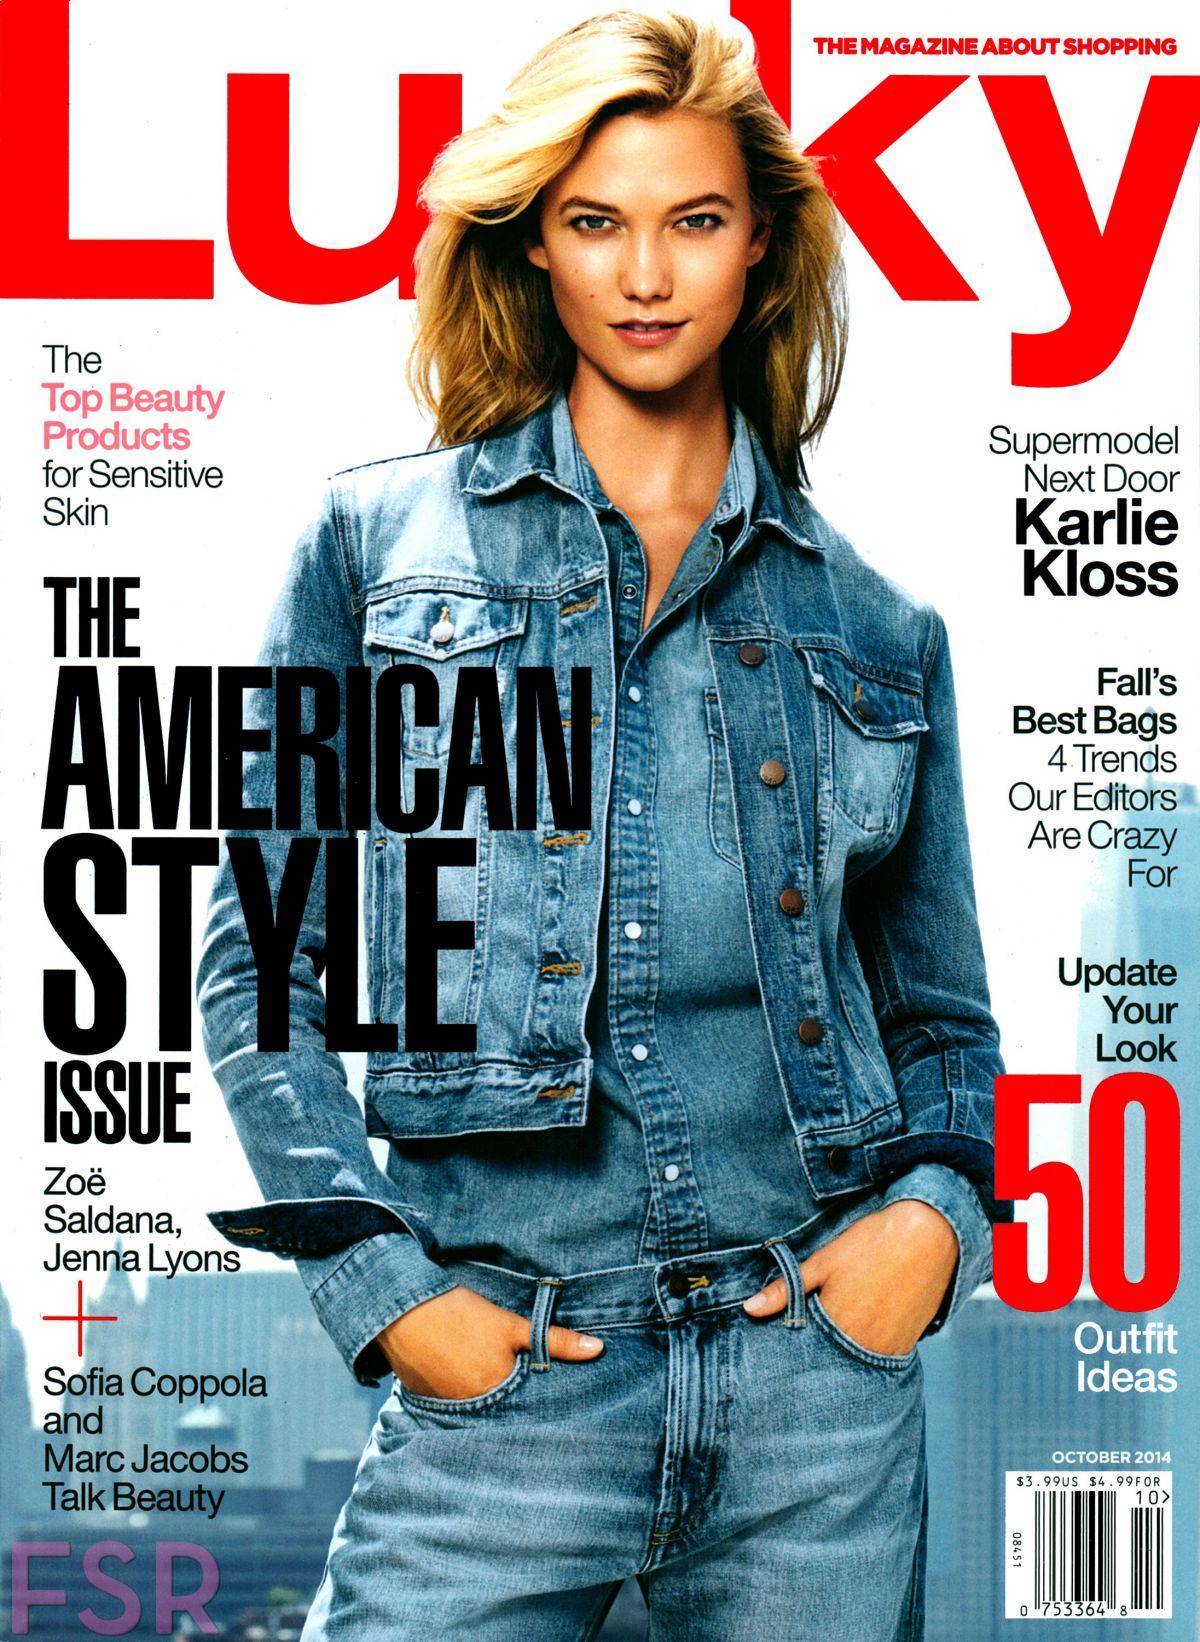 KARLIE KLOSS in Lucky Magazine, October 2014 Issue